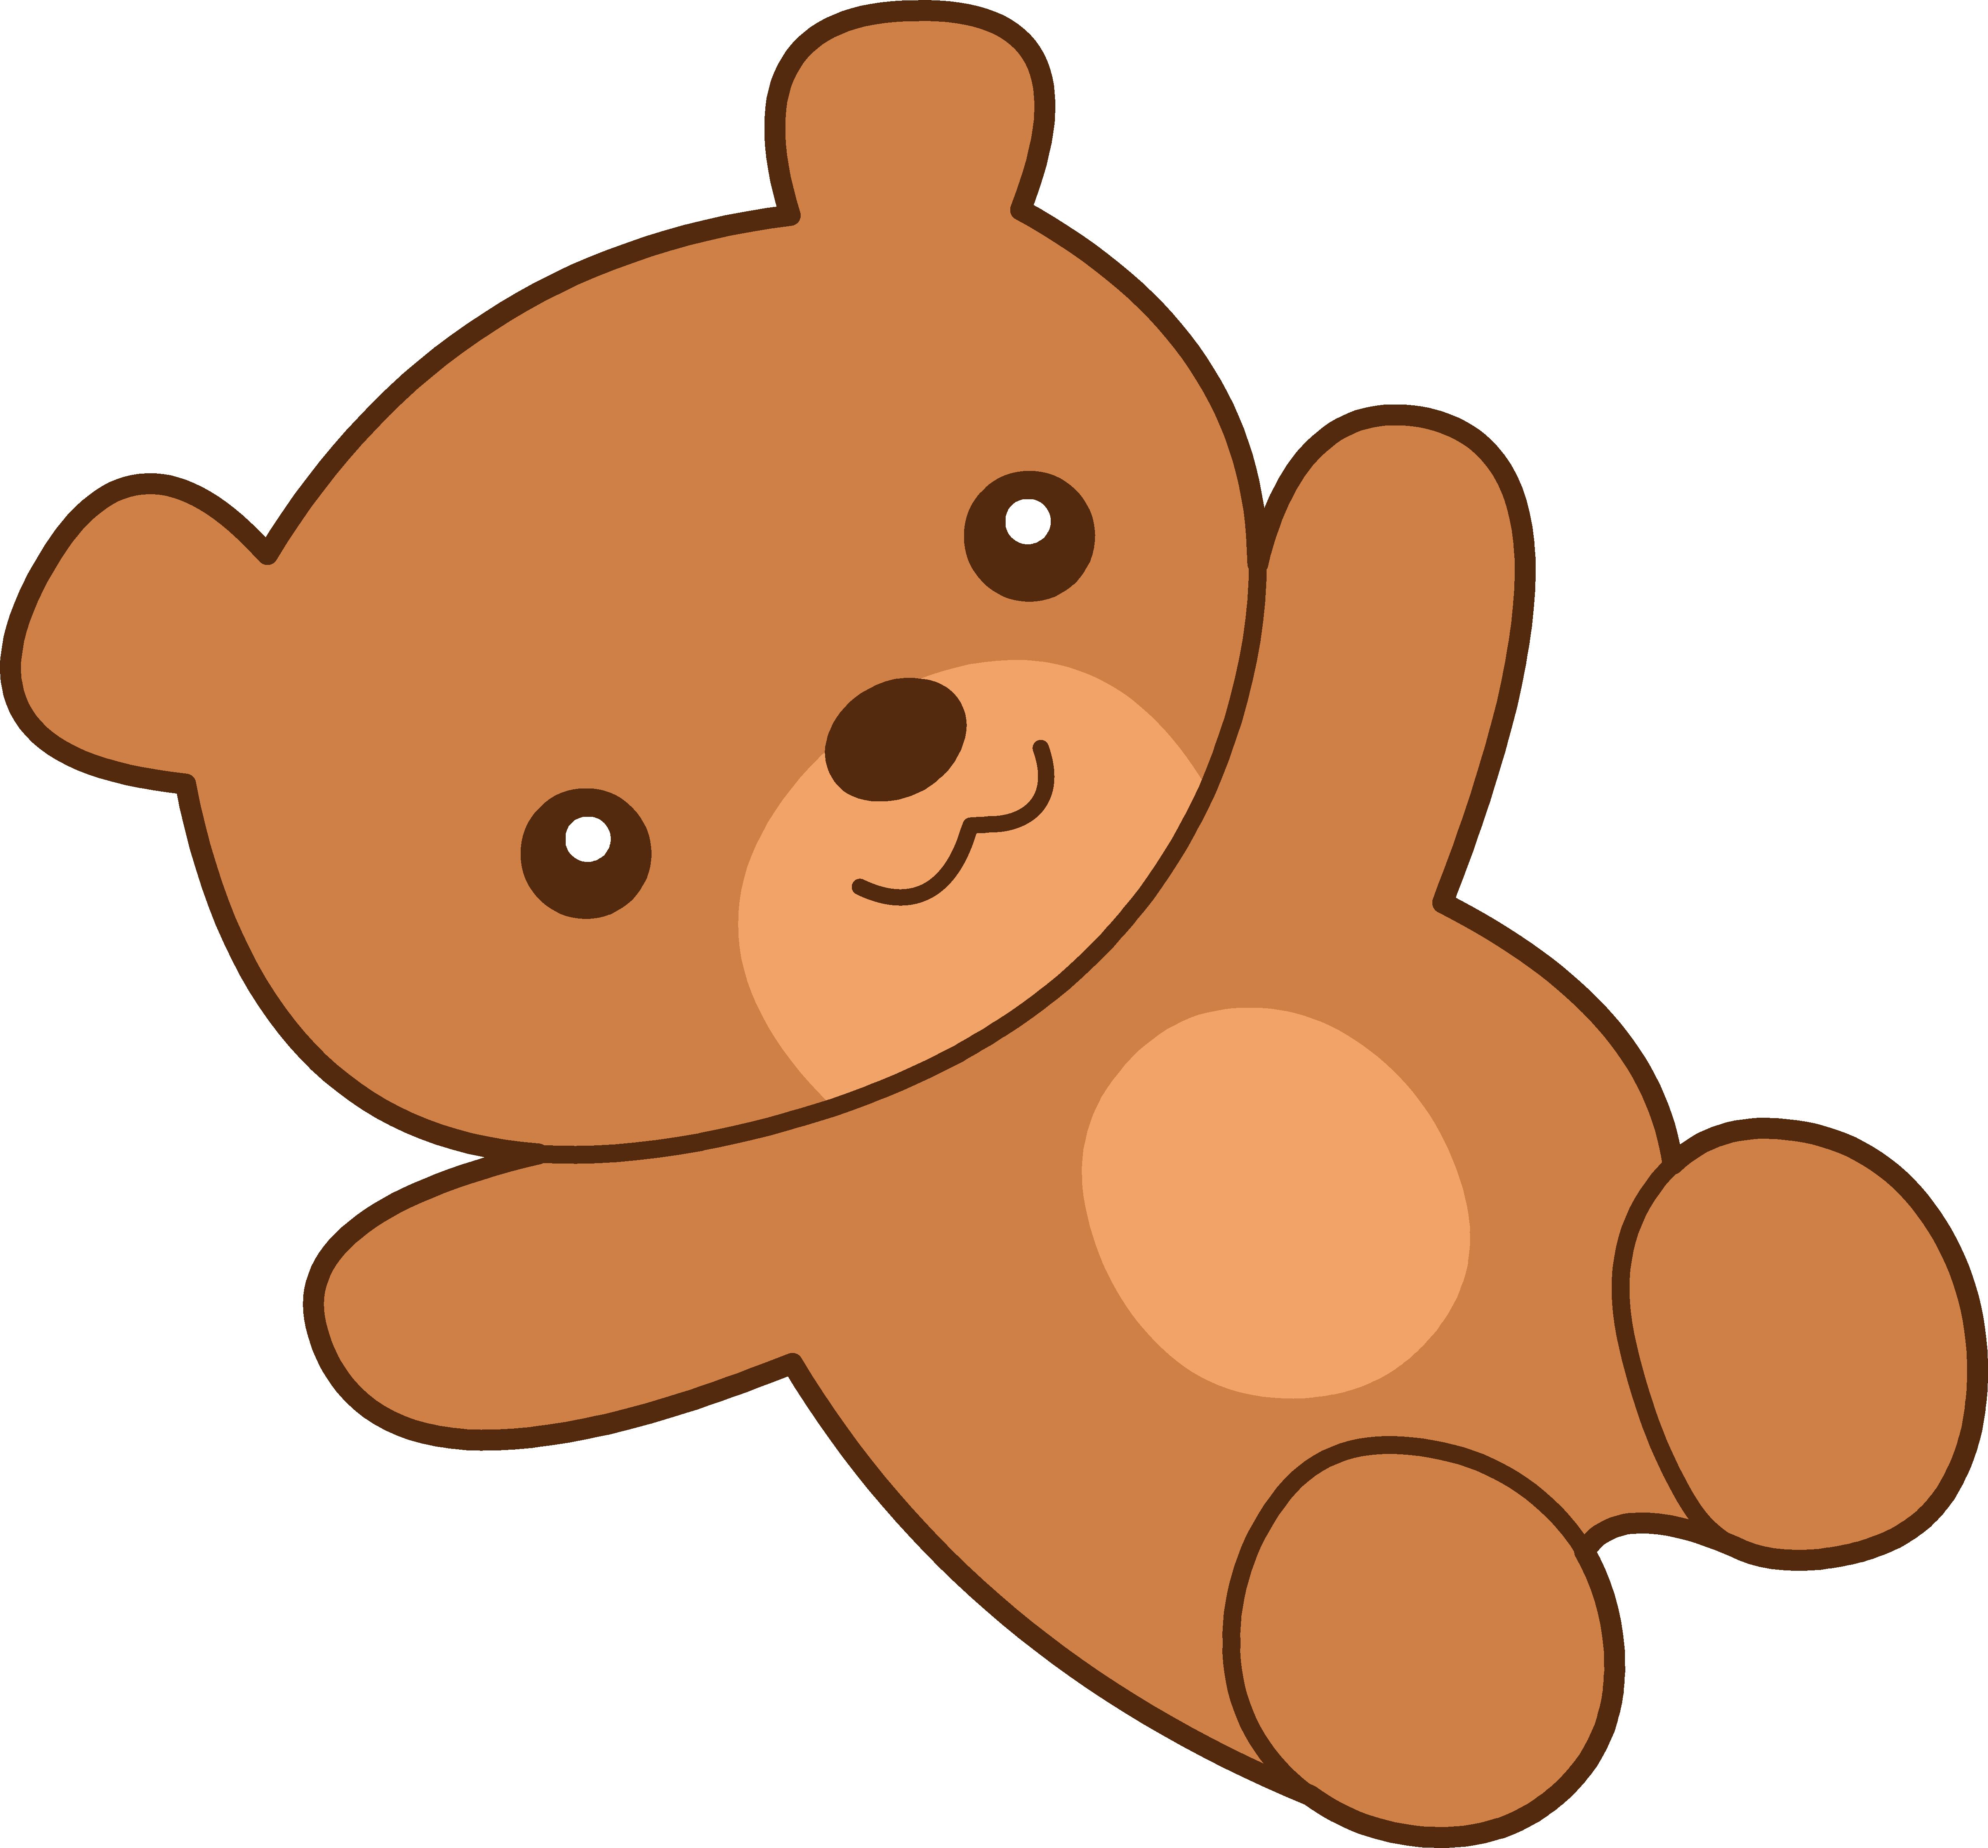 Brown teddy bear free. Cute clipart